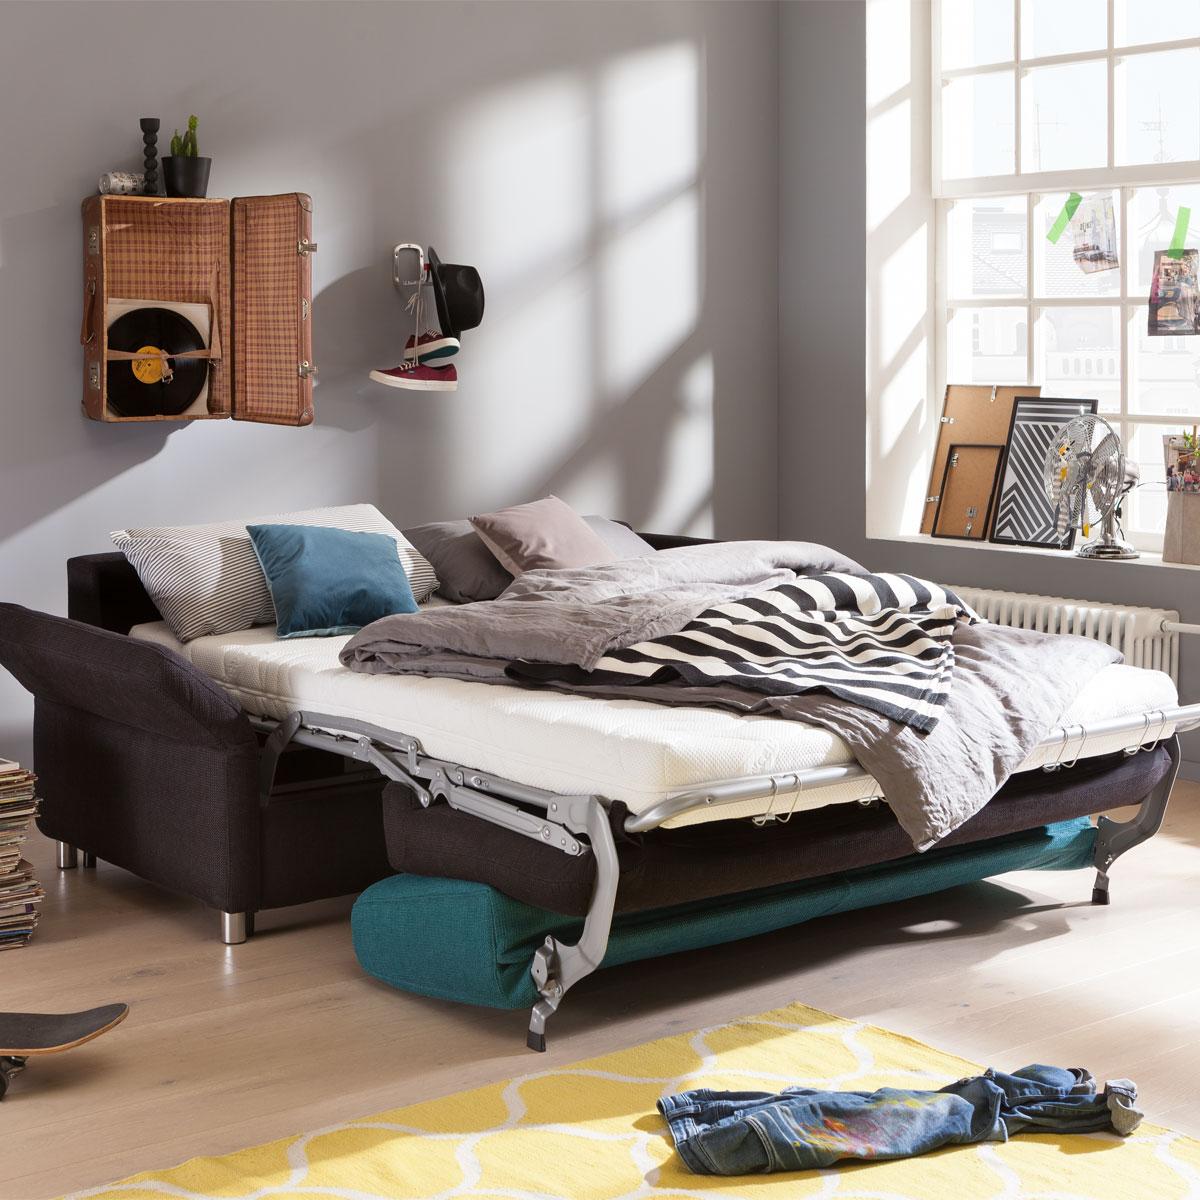 Full Size of Steinpol Poco Praktisches Schlafsofa Allround Plus Westpoint Big Sofa Bett 140x200 Küche Schlafzimmer Komplett Betten Wohnzimmer Kinderbett Poco